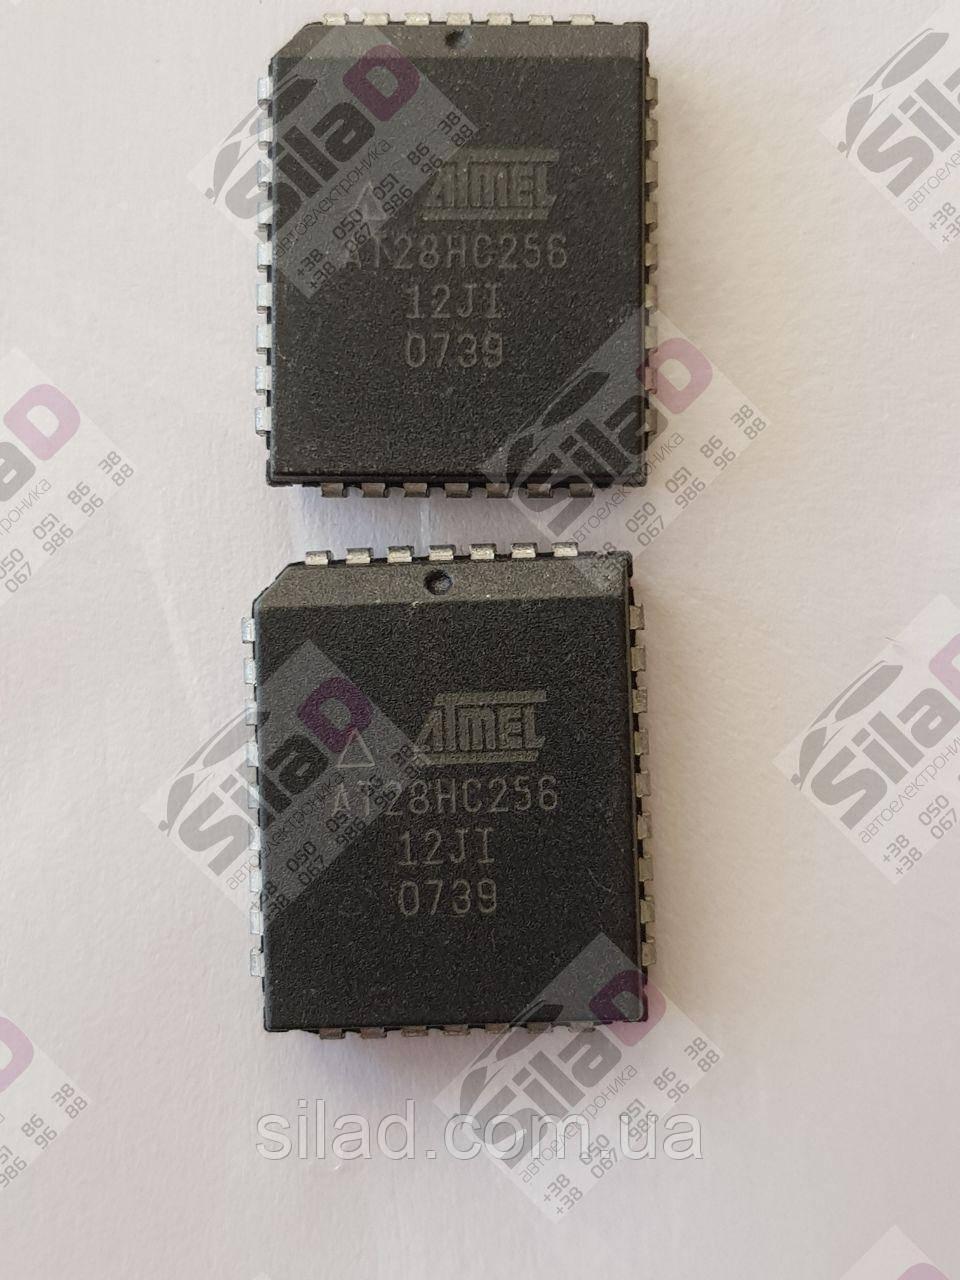 Микросхема ATMEL AT28HC256-12JI корпус PLCC-32 Память EEPROM 32kx8bit